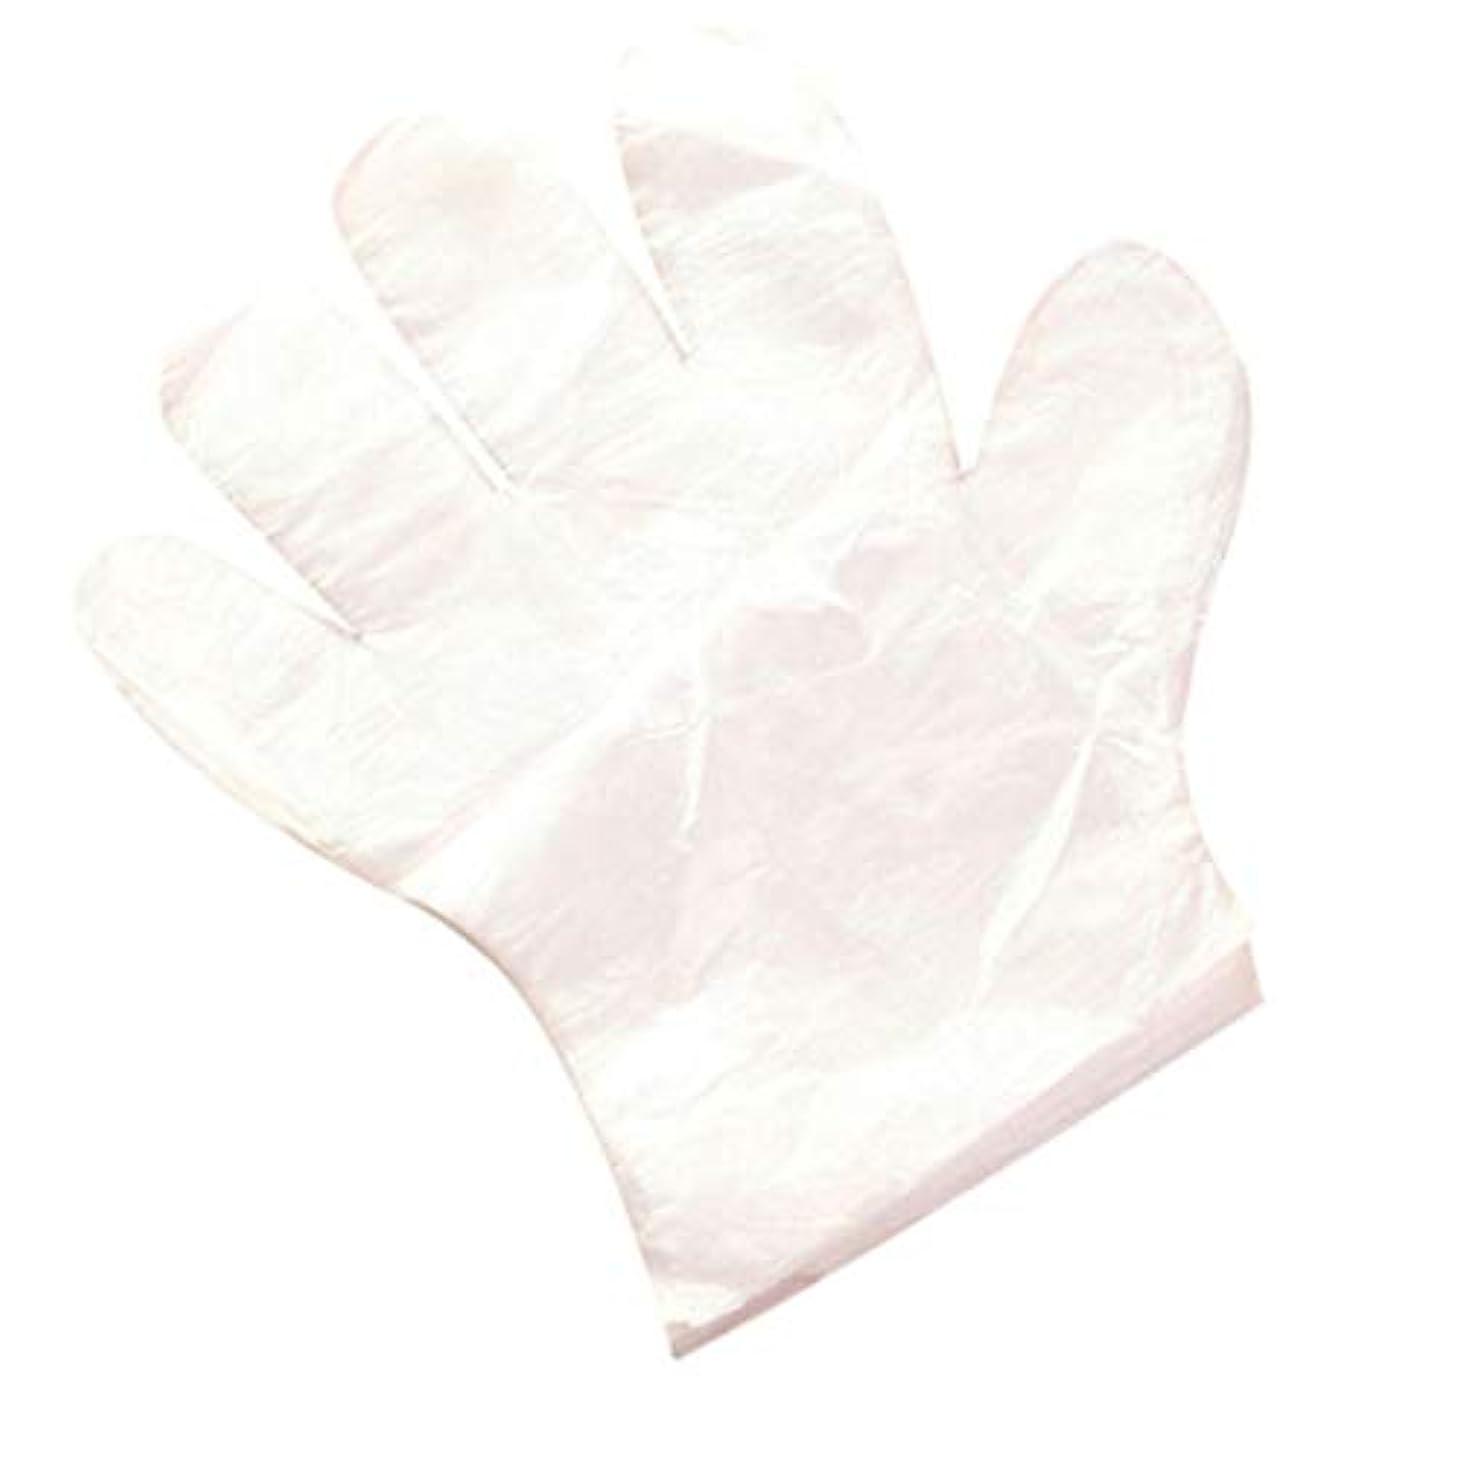 予約ペルー花火家庭用家庭の清掃および衛生用使い捨て手袋を食べる使い捨て手袋 (UnitCount : 500only)